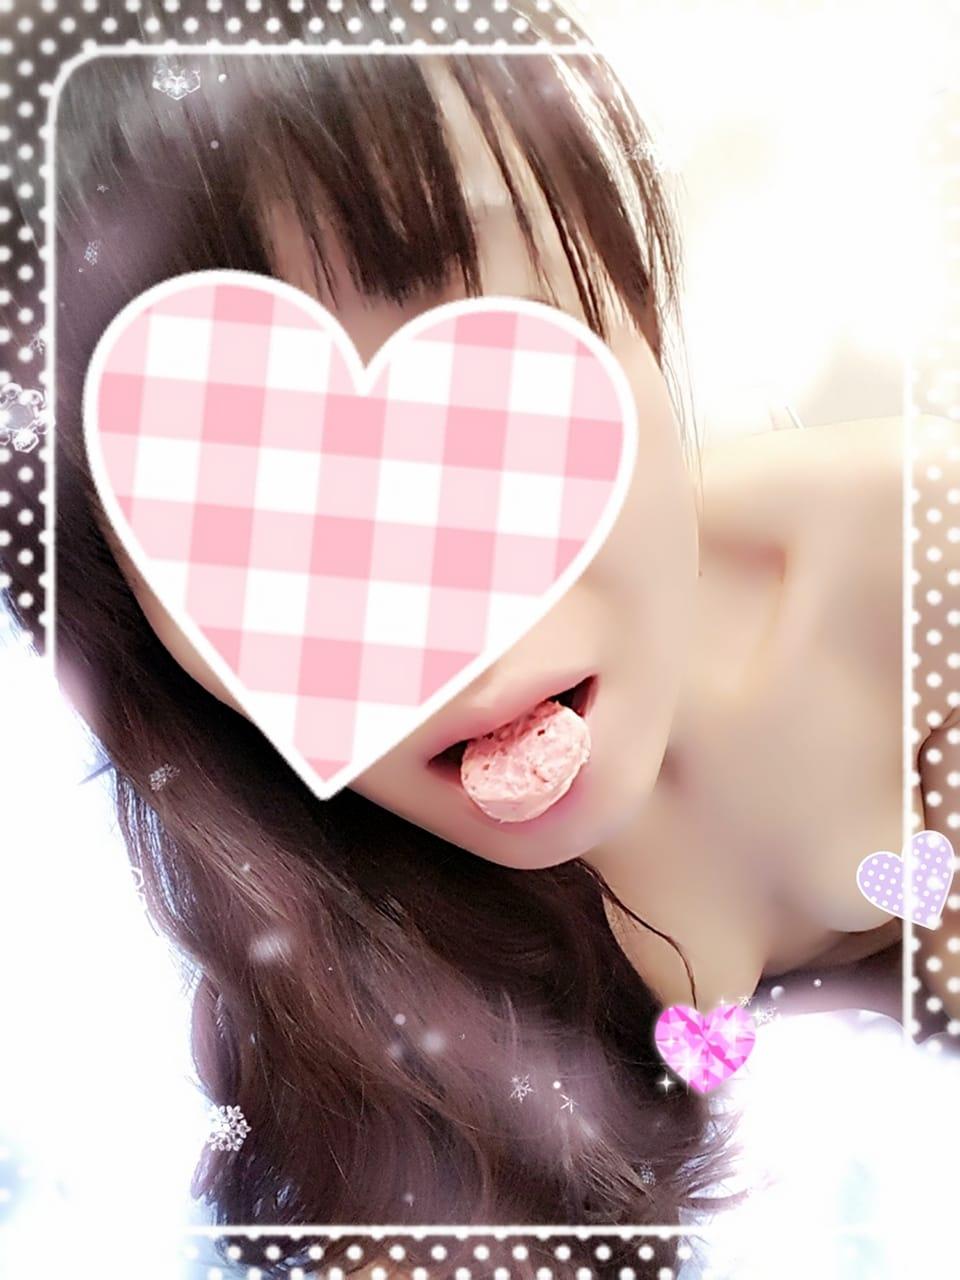 かおり「あまずっぱい(*^^*)」01/23(火) 02:06 | かおりの写メ・風俗動画